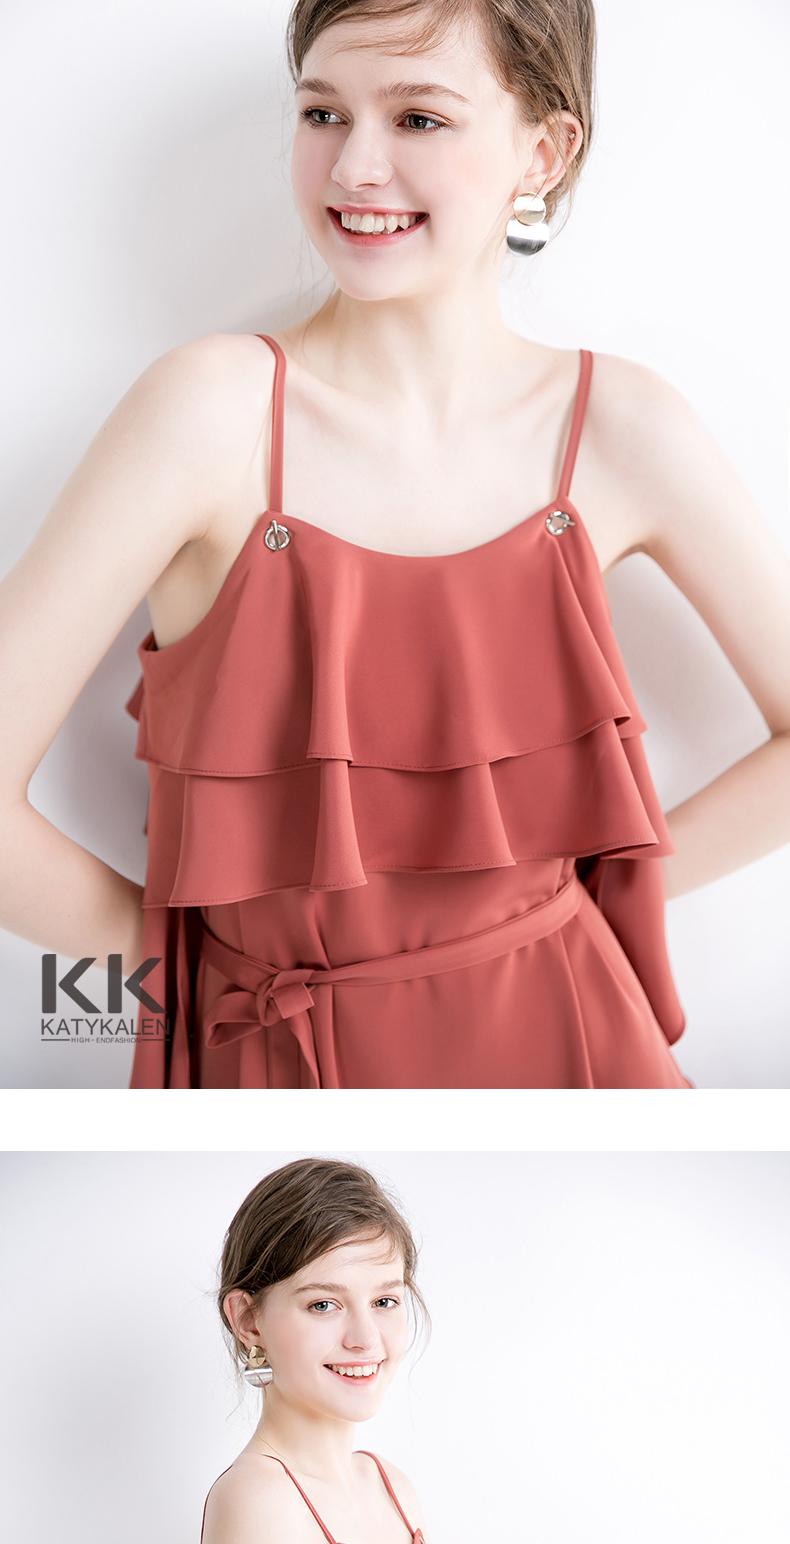 性感女裙 新款女裙上饶夏装女裙 Katy kalen新款夏装女裙